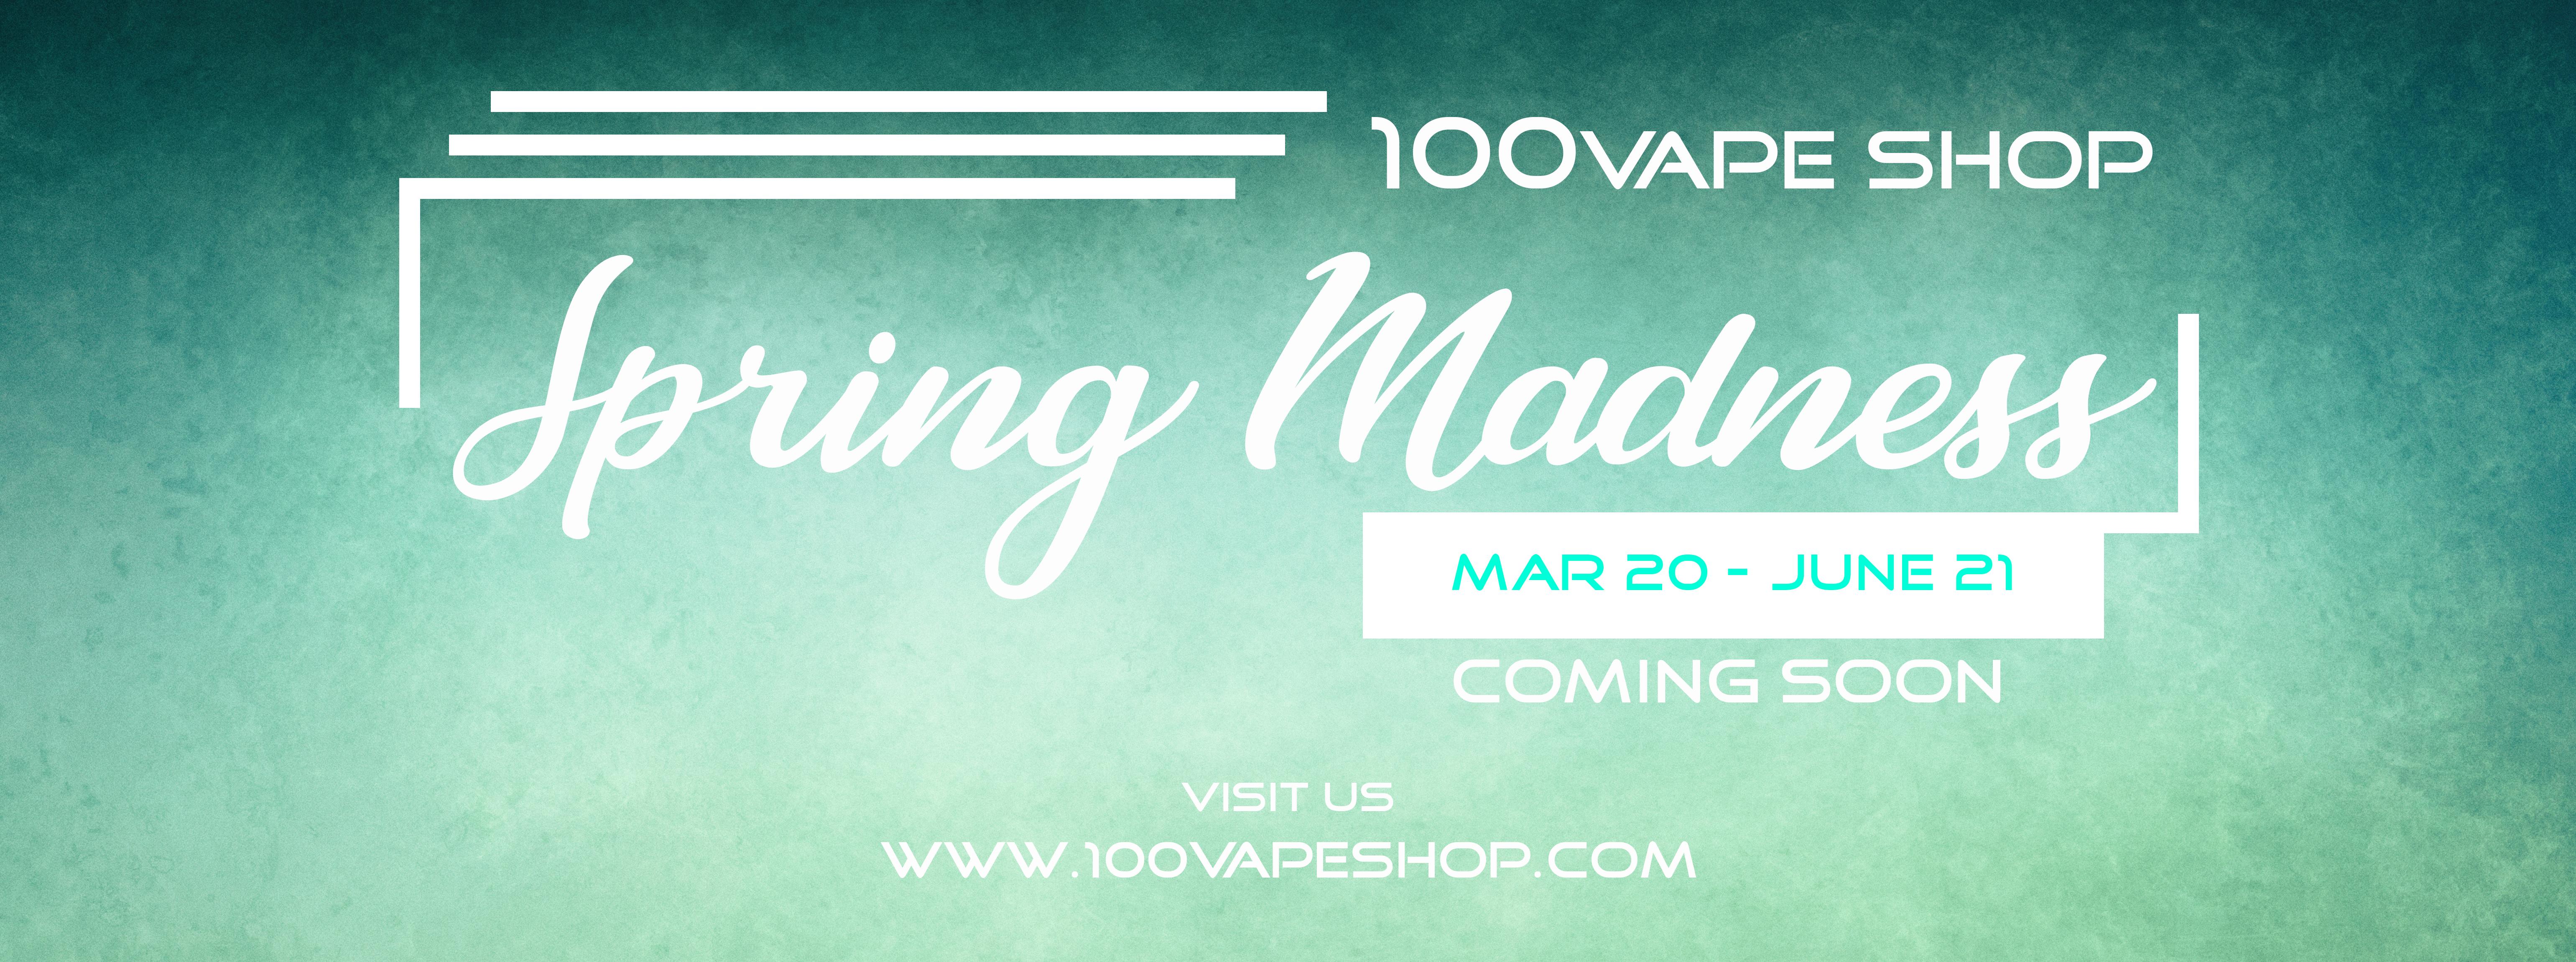 100 Vape Shop Ltd |